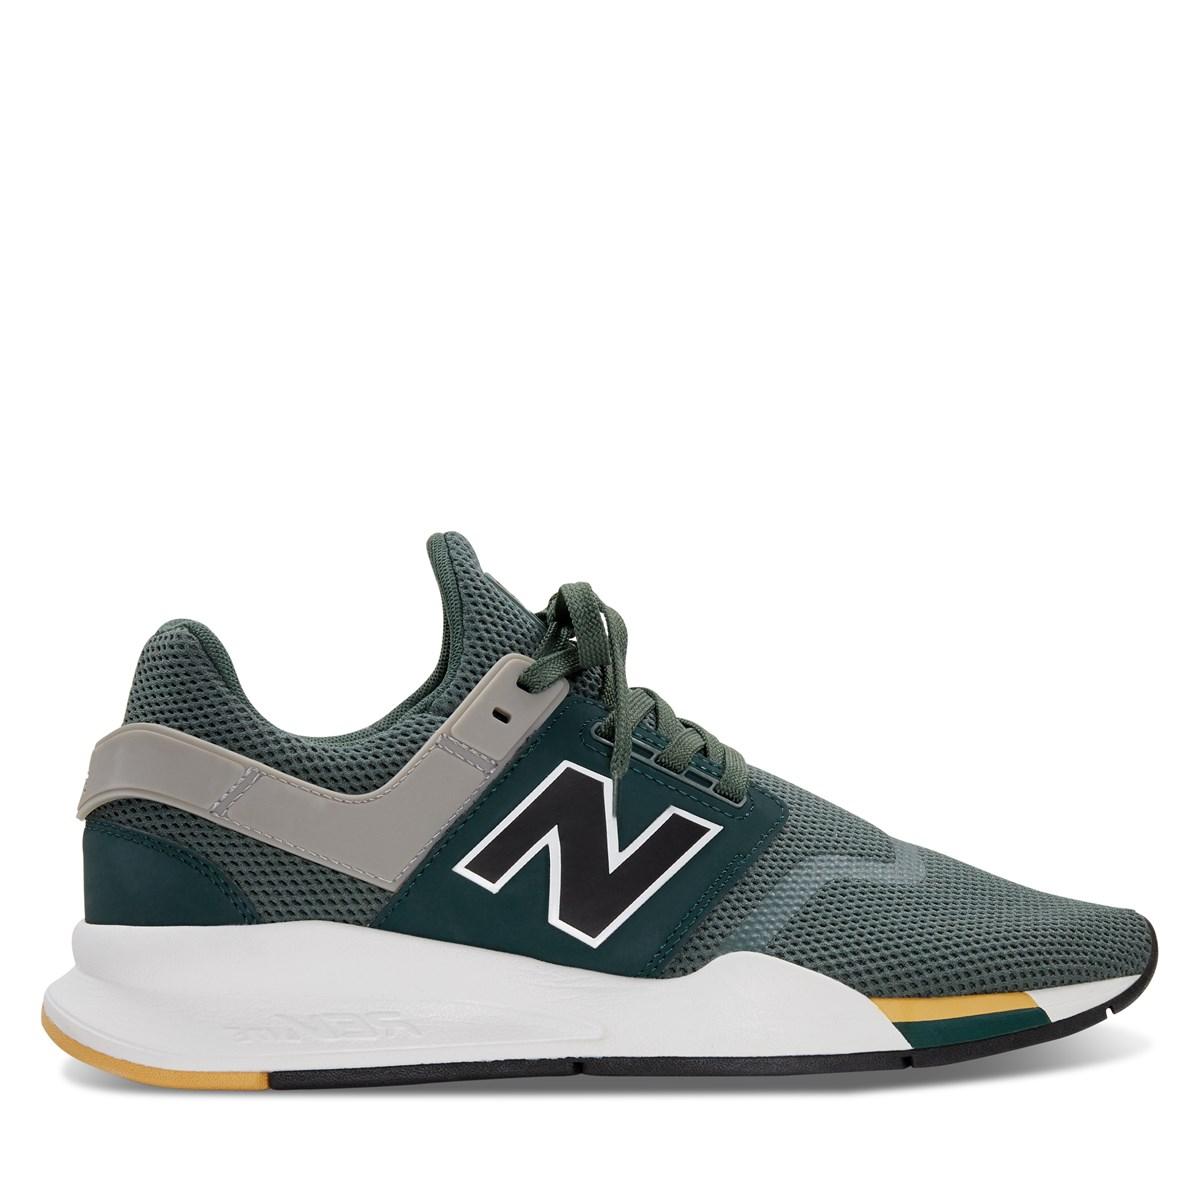 Men's 247 V2 Sneakers in Green